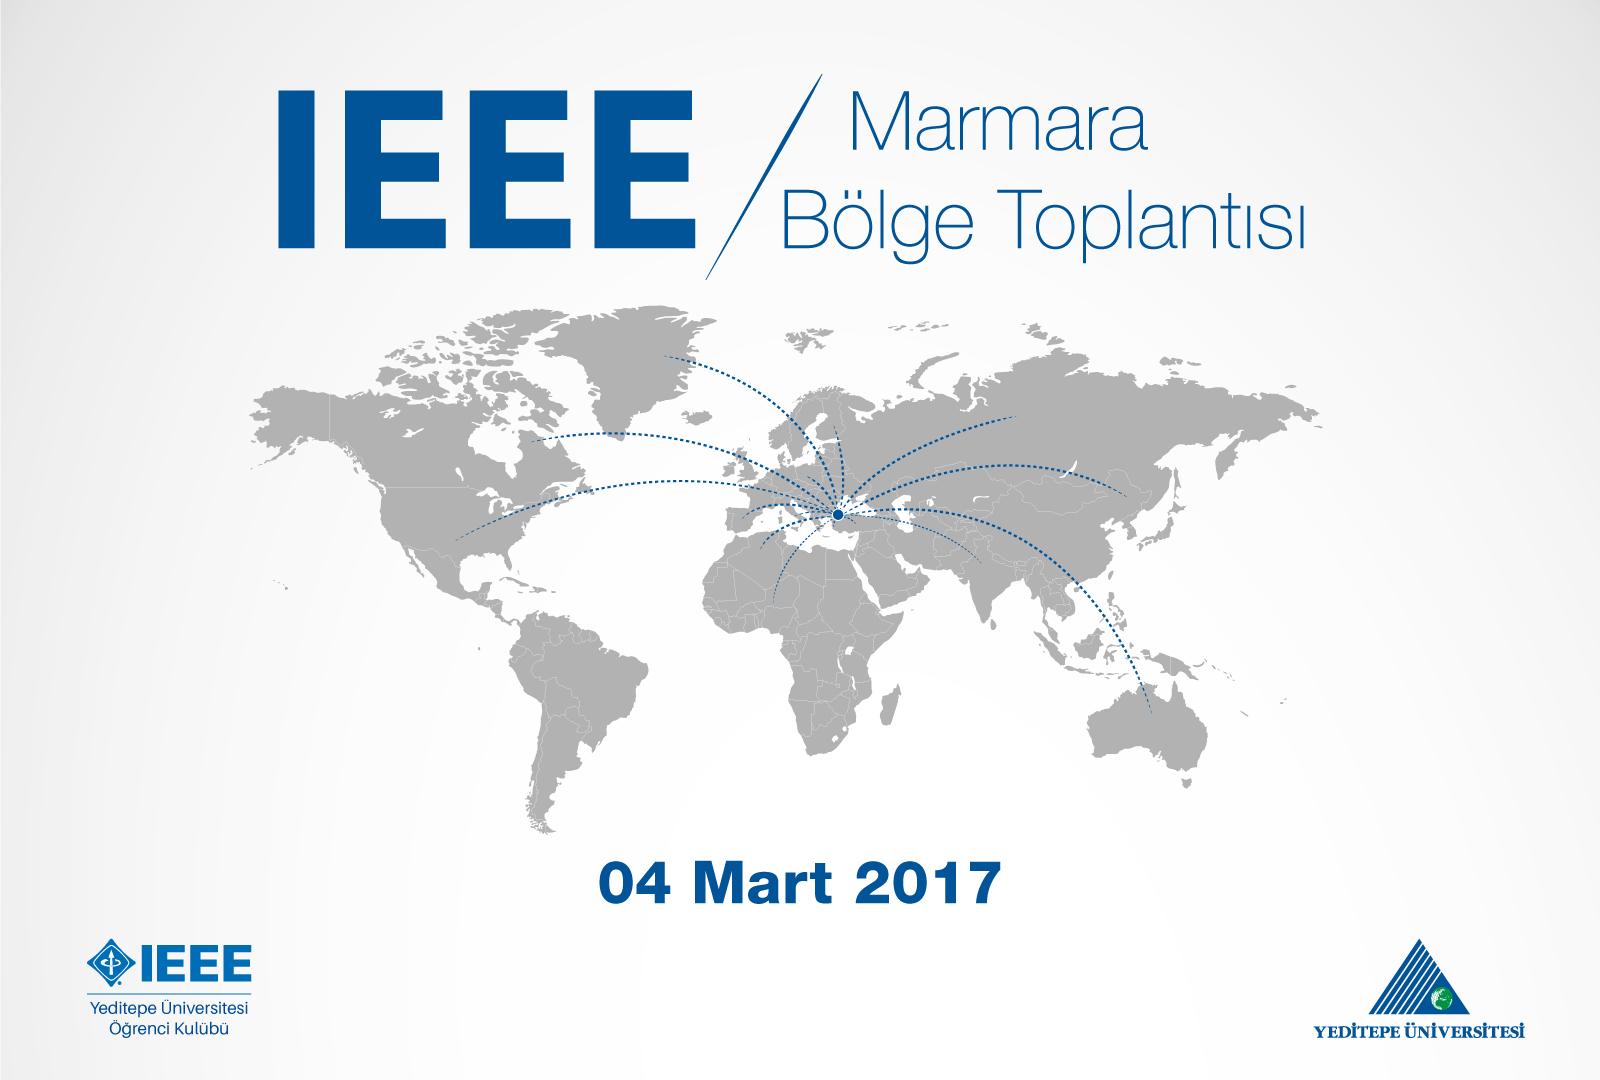 IEEE Topluluğu olarak 29 farklı üniversiteden 1000'e yakın katılımcının yer aşdığı Marmara Bölge Toplantısına ev sahipliği yapmaktayız